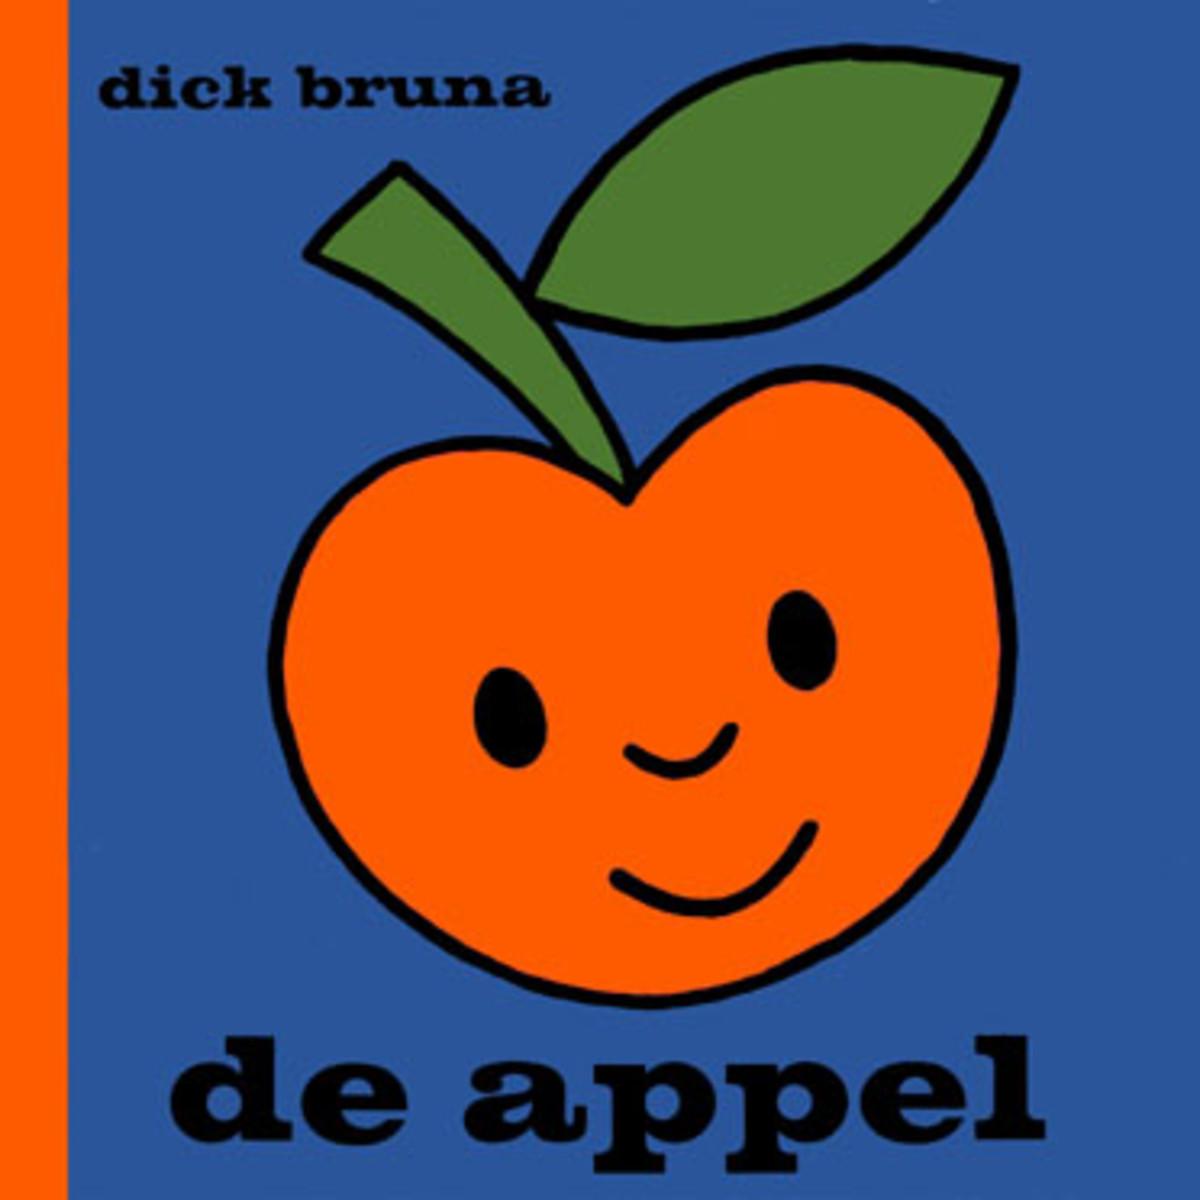 Bruna's first book The Apple